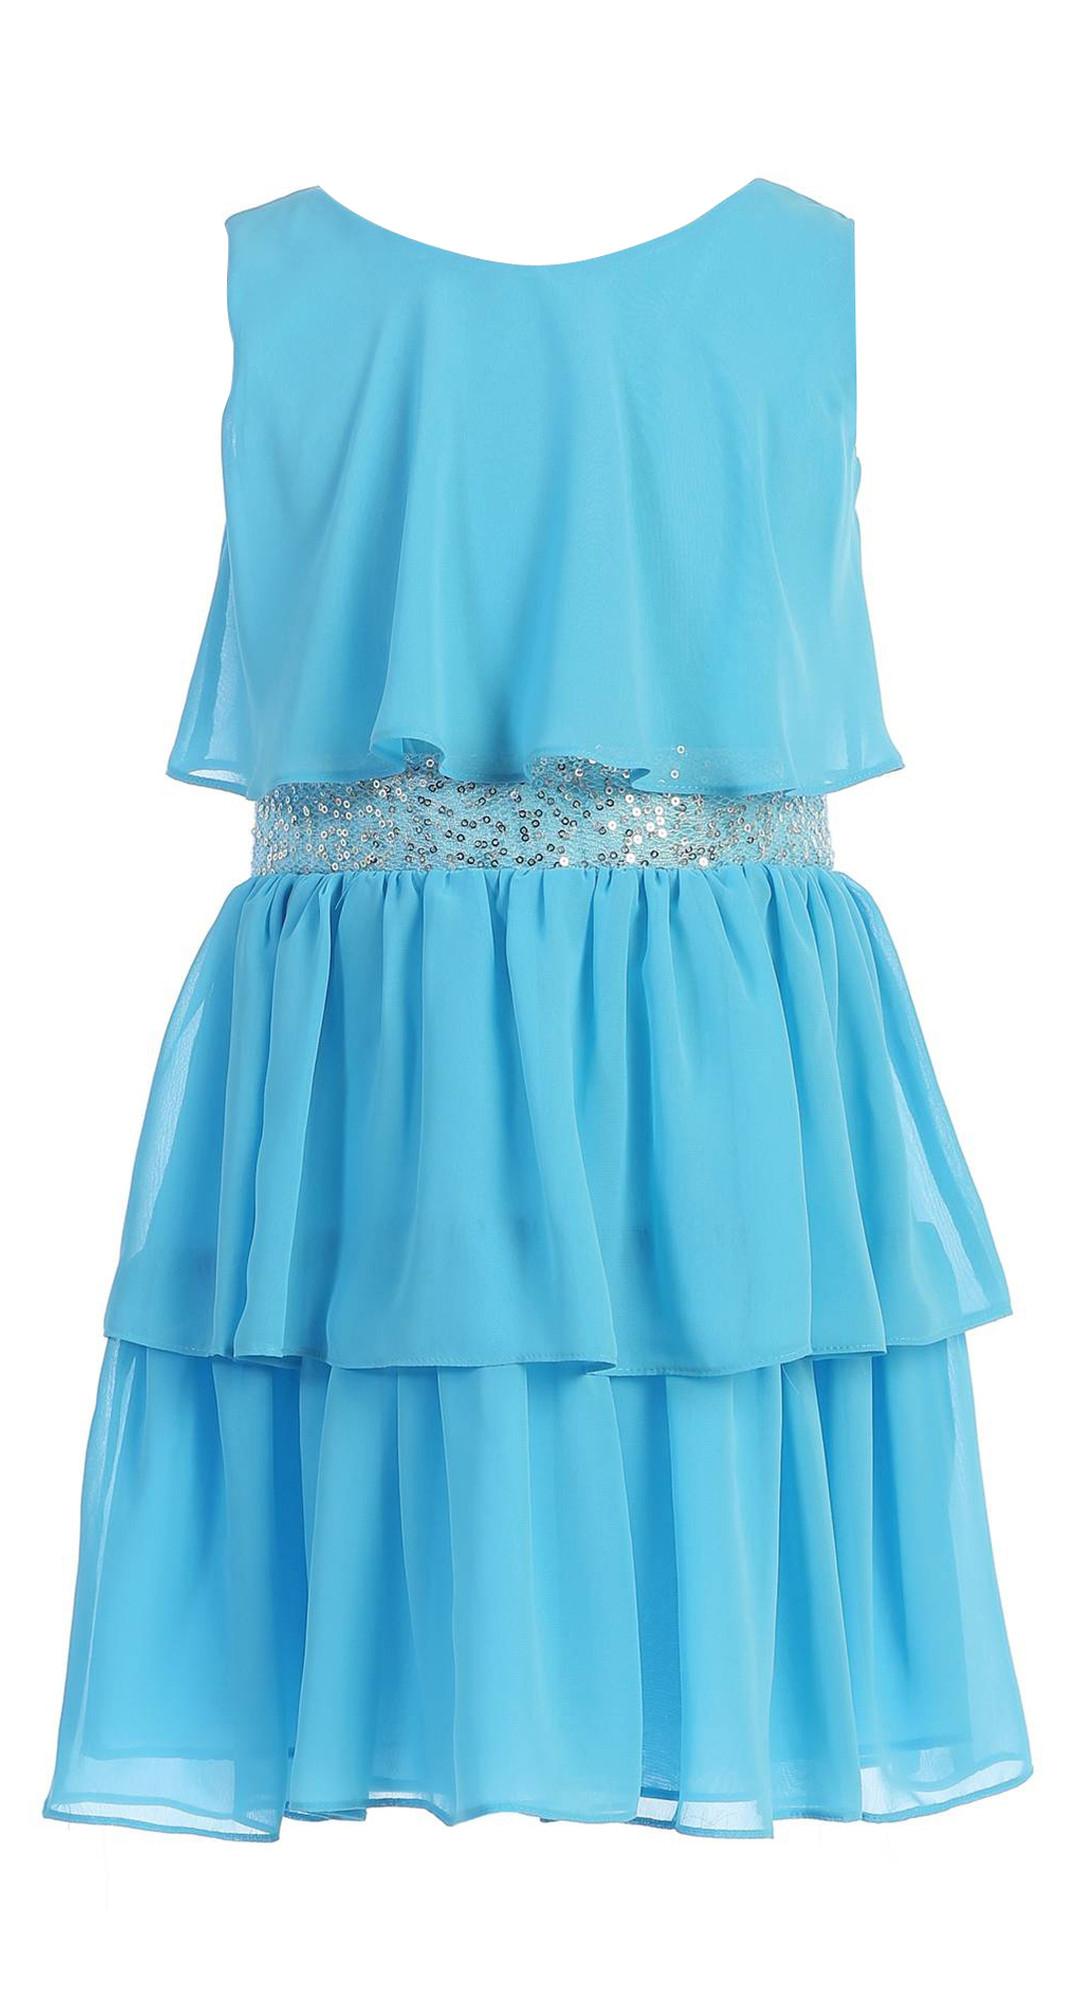 BIMARO Mädchen Kleid Viola türkis blau Festkleid Chiffon Volants Pailletten festlich Hochzeit Konfirmation Anlass